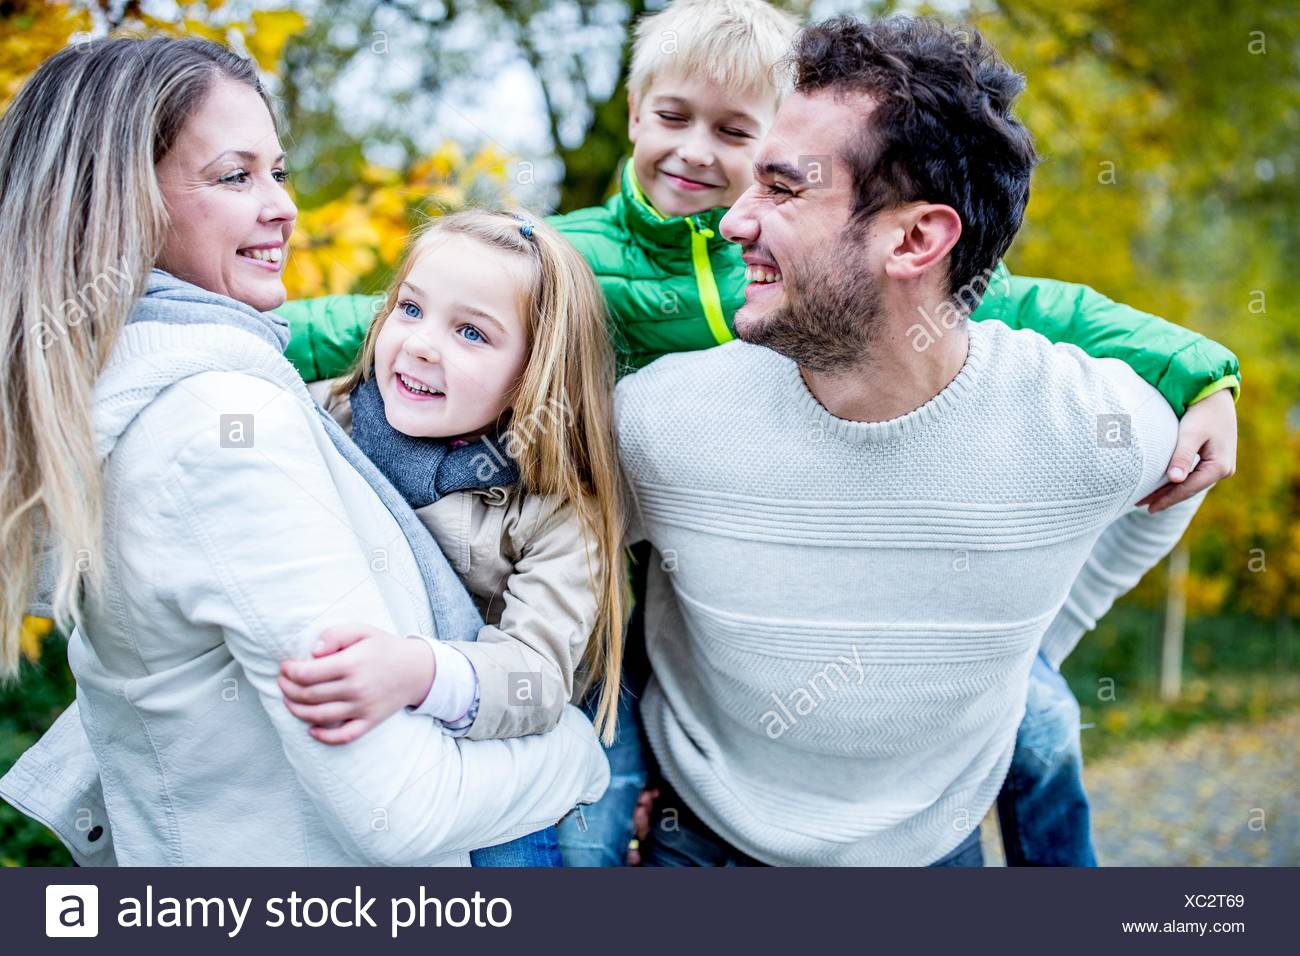 Modelo liberado. Los padres llevan a sus hijos en otoño, riendo. Imagen De Stock